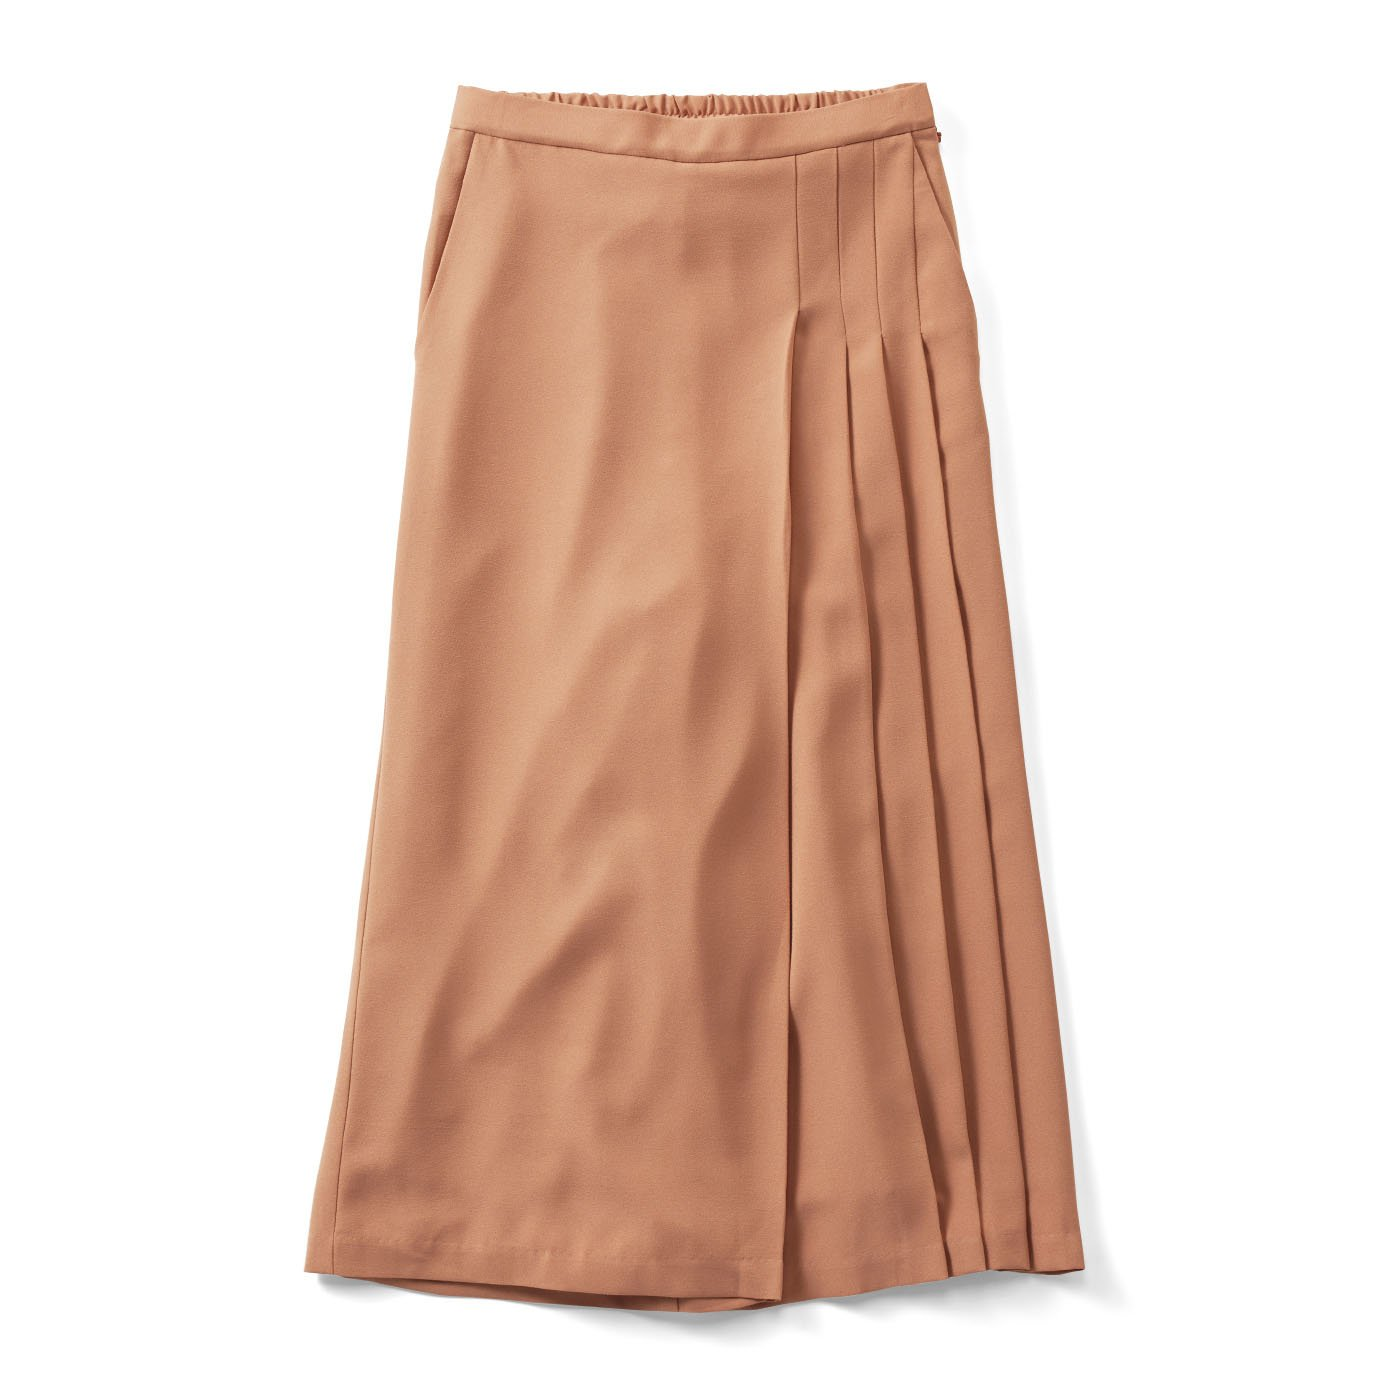 IEDIT 華やぎカラーの部分プリーツデザインスカーチョ〈モカピンク〉